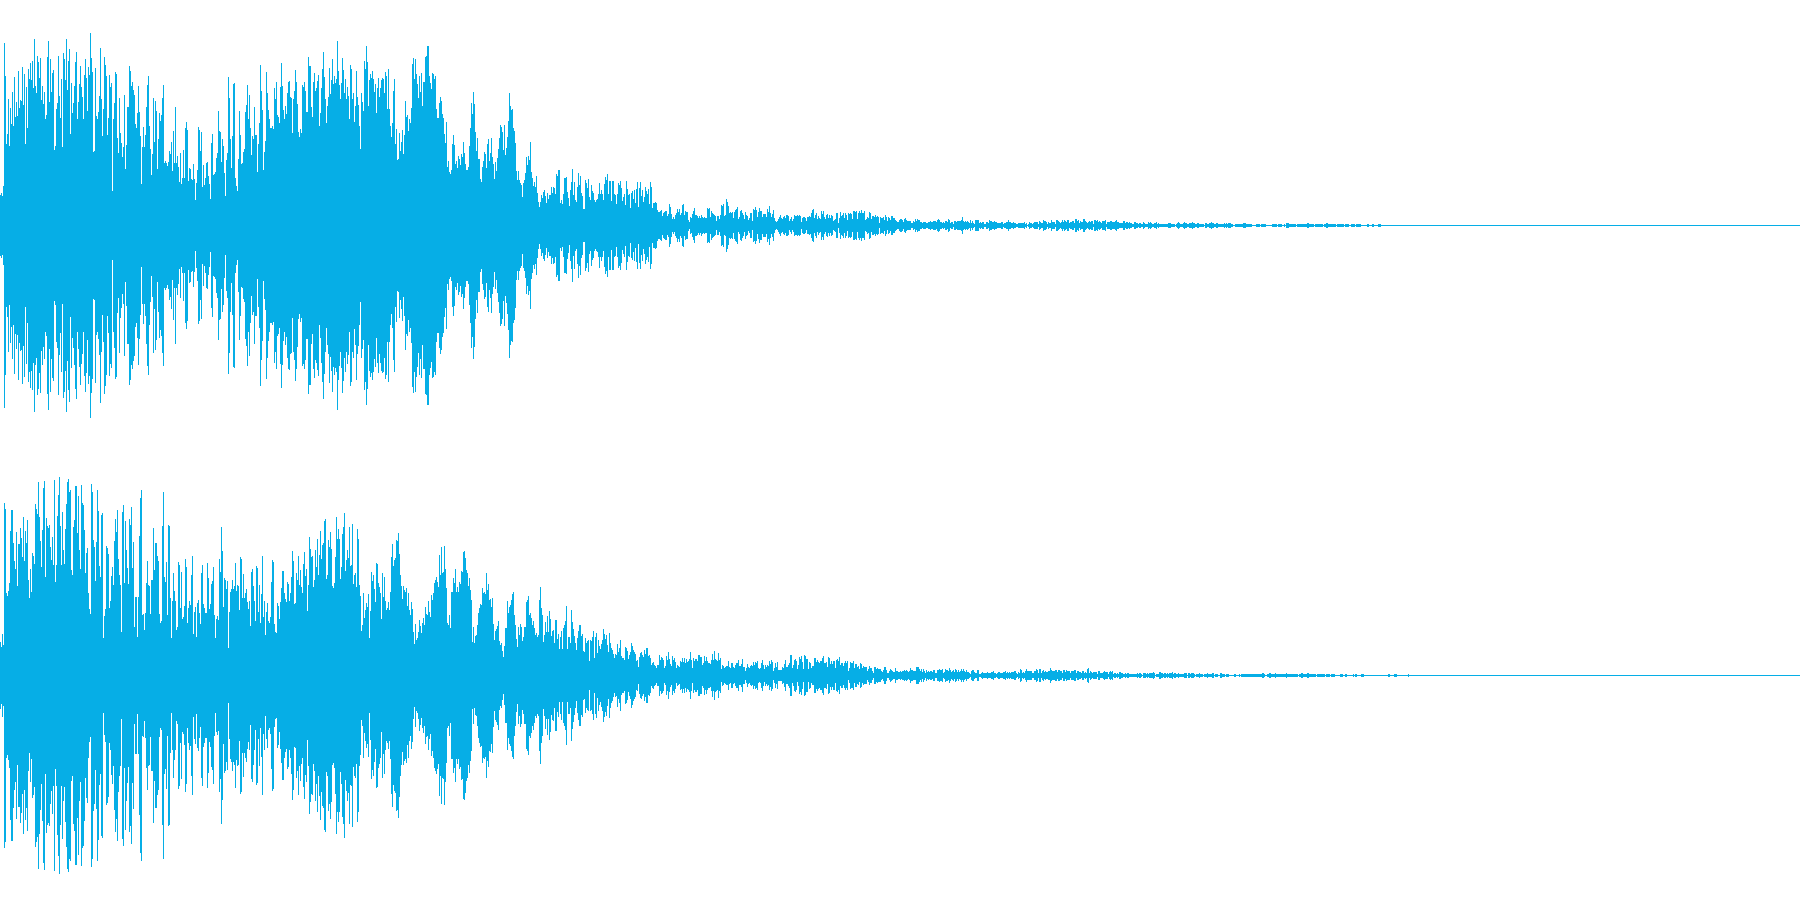 太鼓と尺八の和風インパクトジングル!11の再生済みの波形